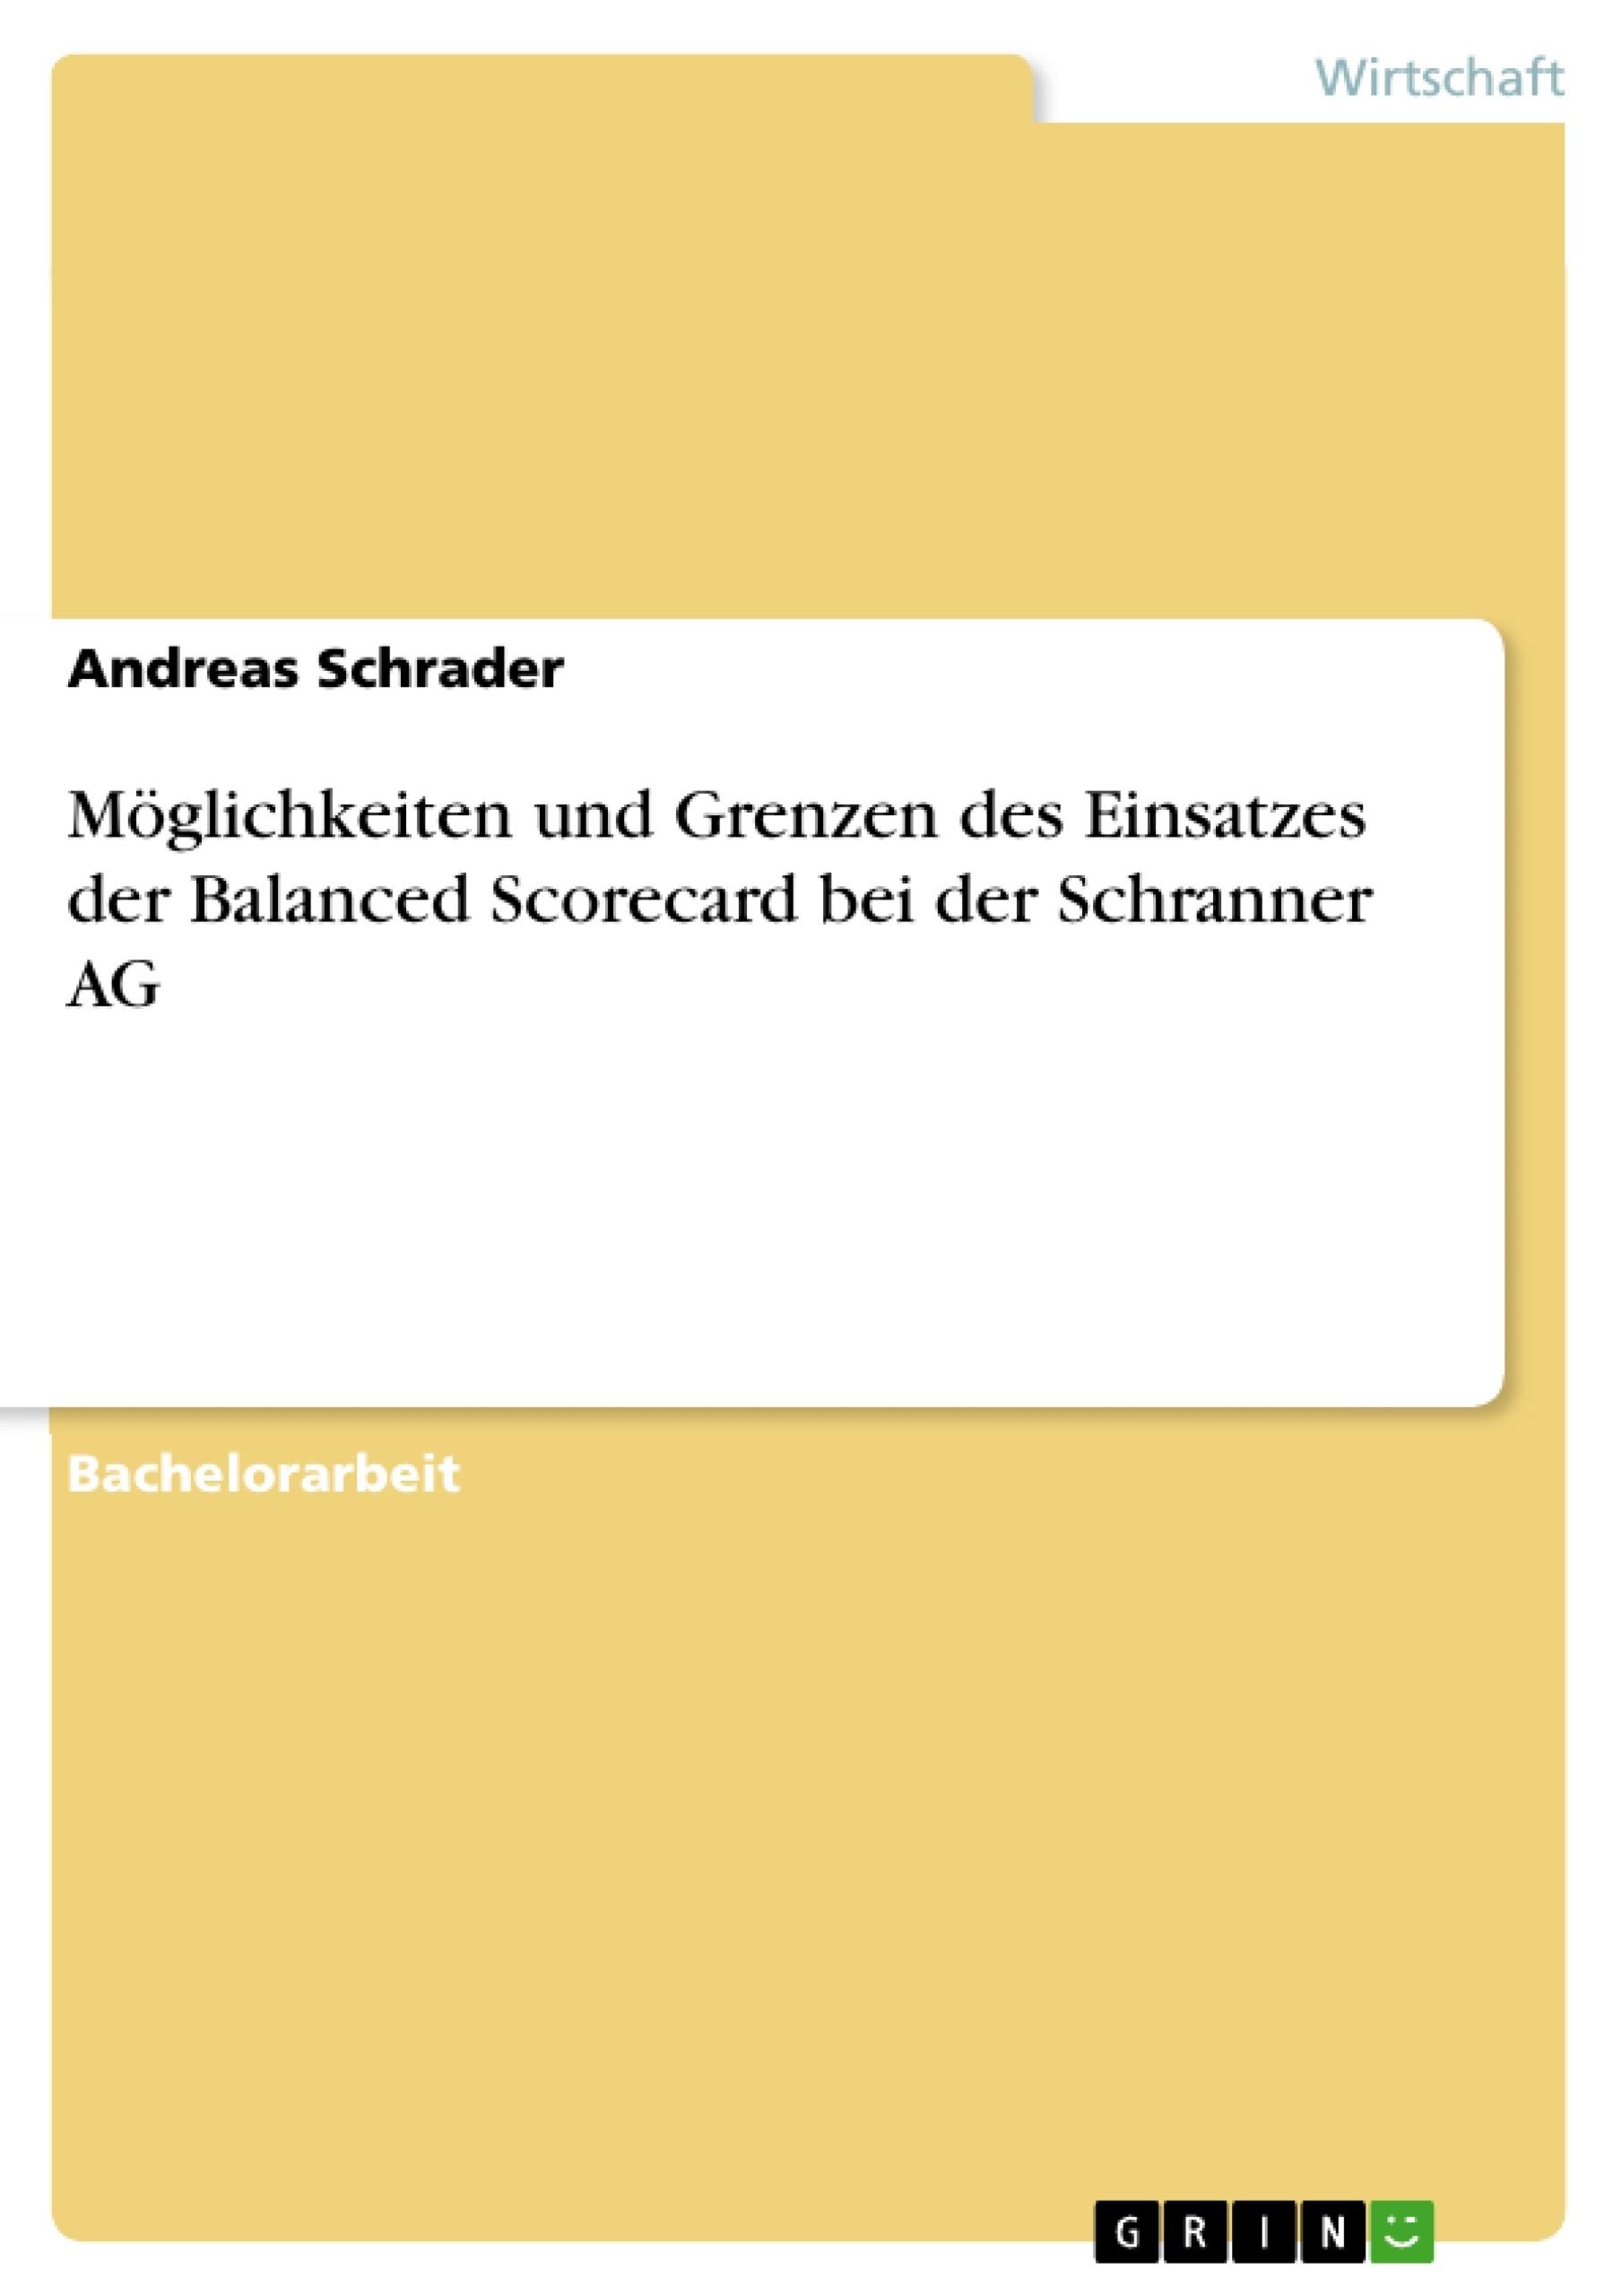 Titel: Möglichkeiten und Grenzen des Einsatzes der Balanced Scorecard bei der Schranner AG